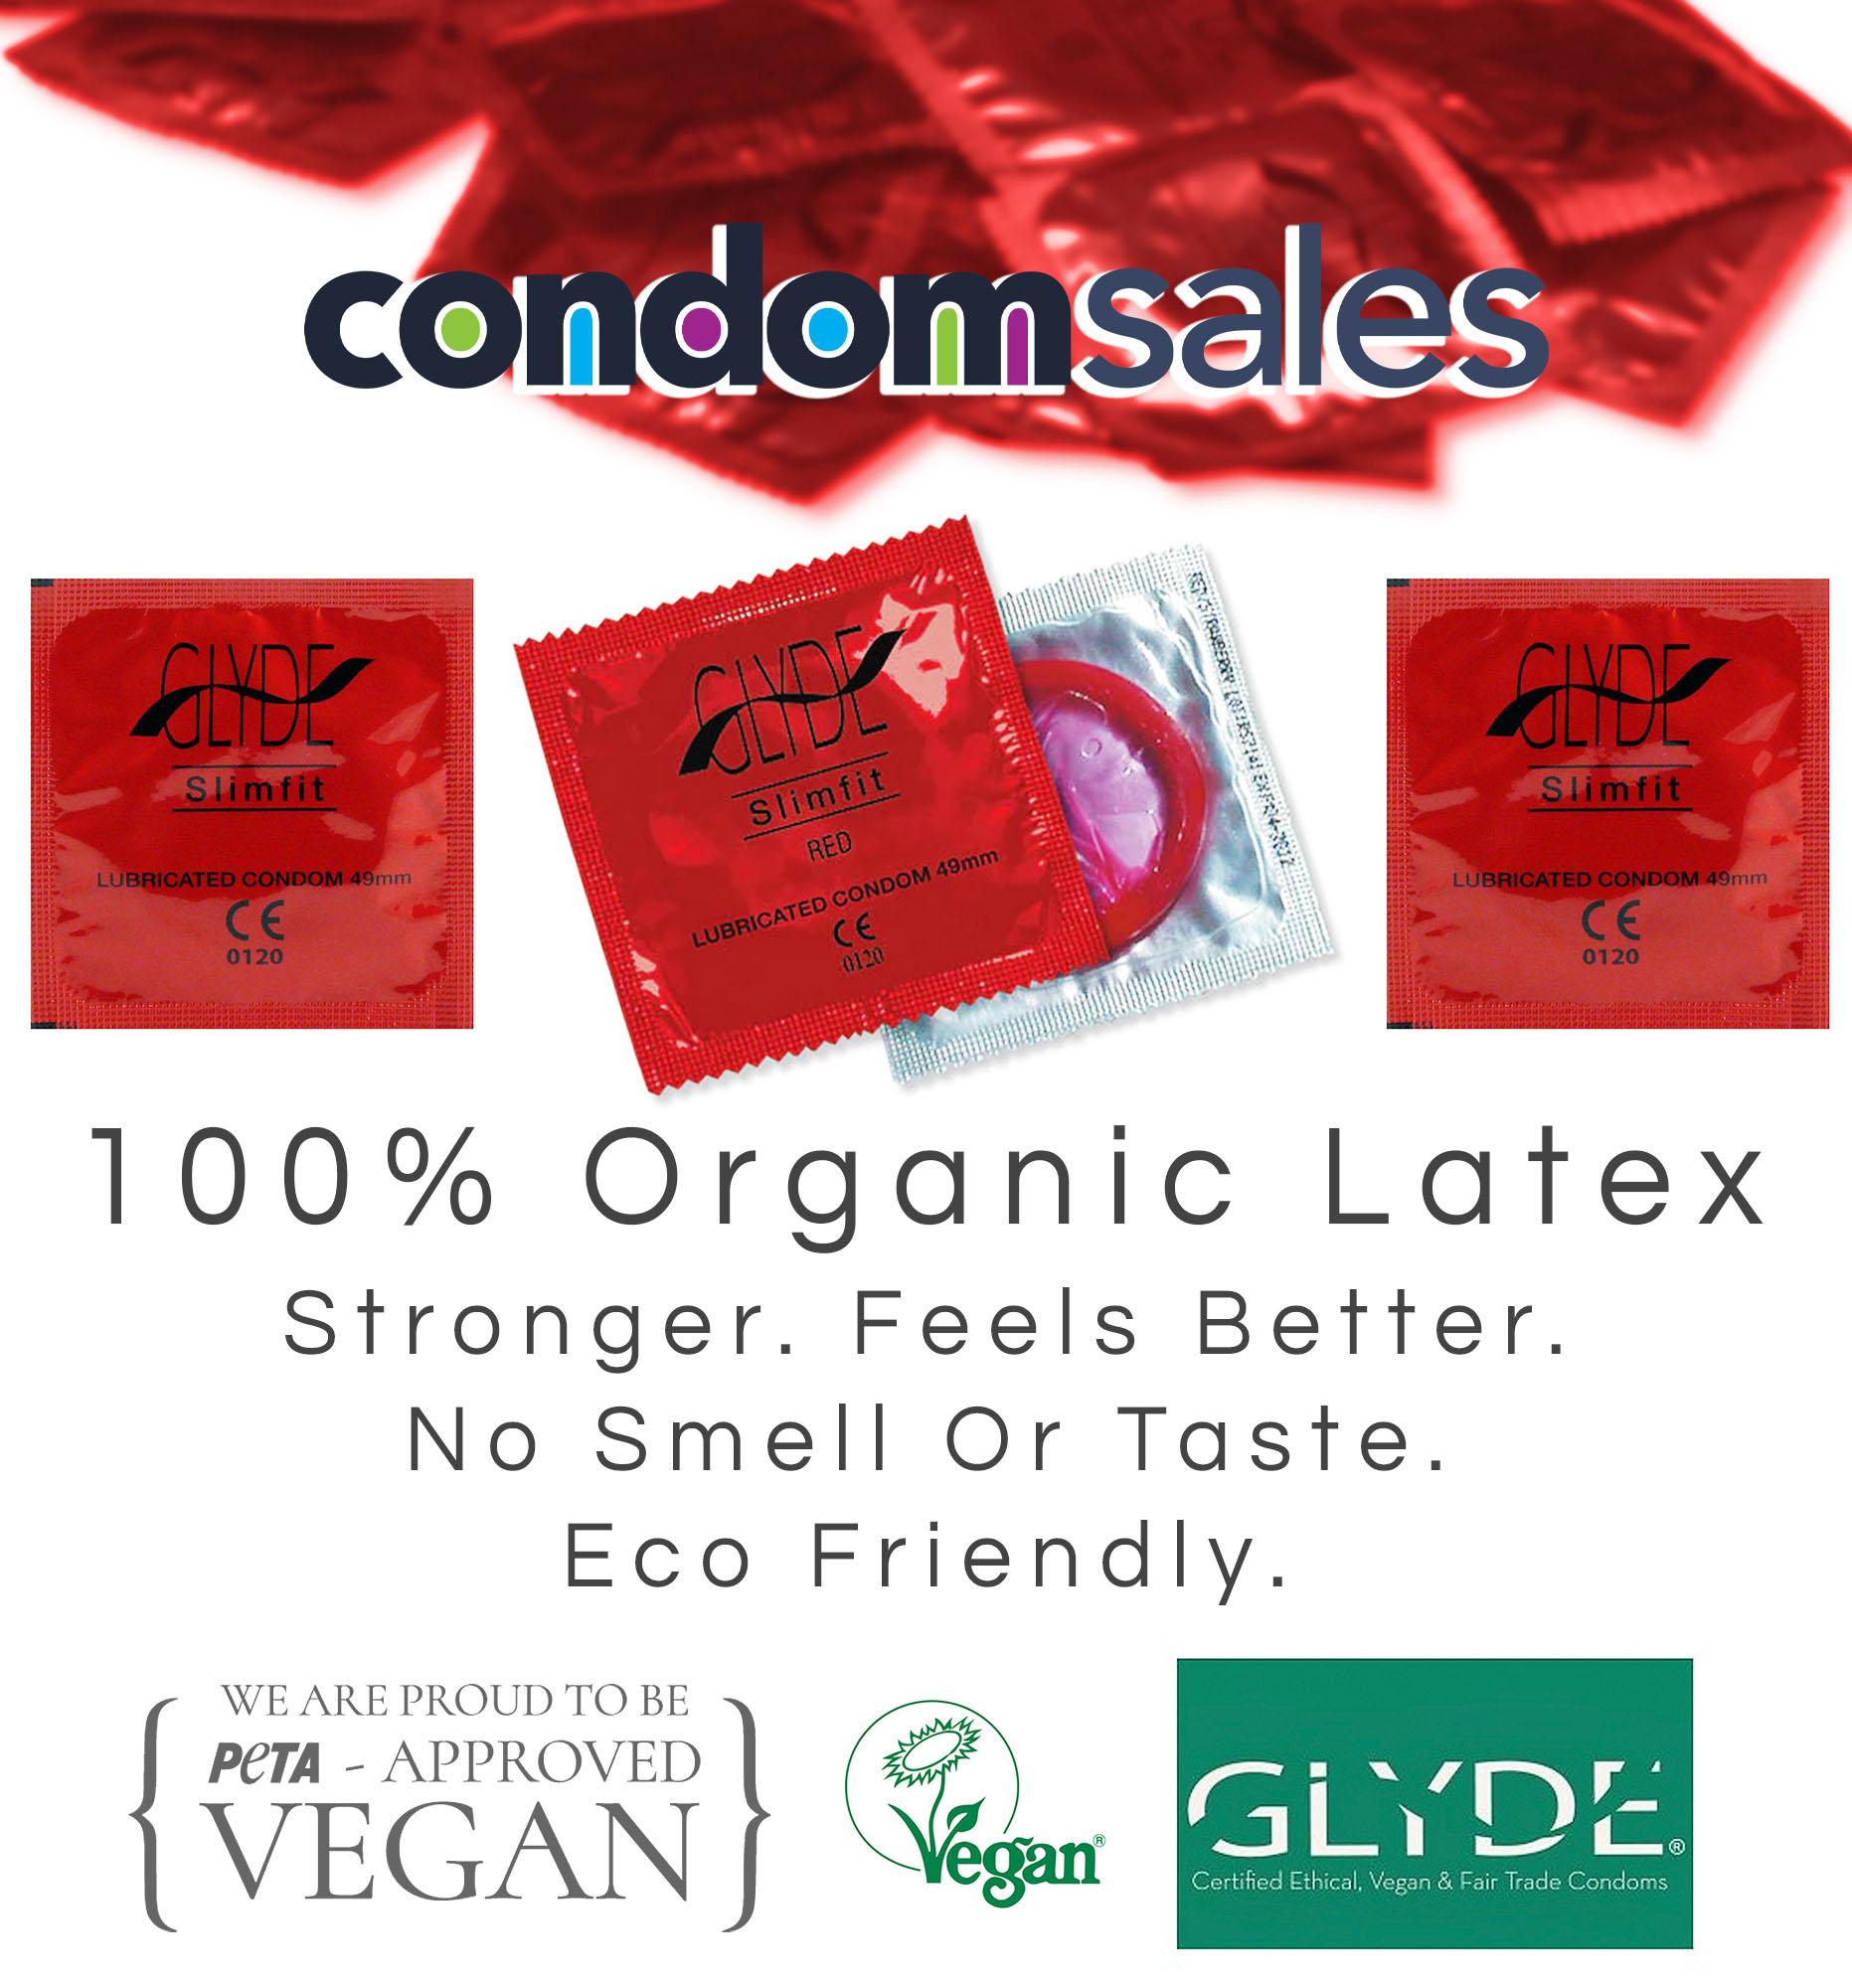 Glyde Slim Fit 49mm Small Condoms (100 Bulk Pack)